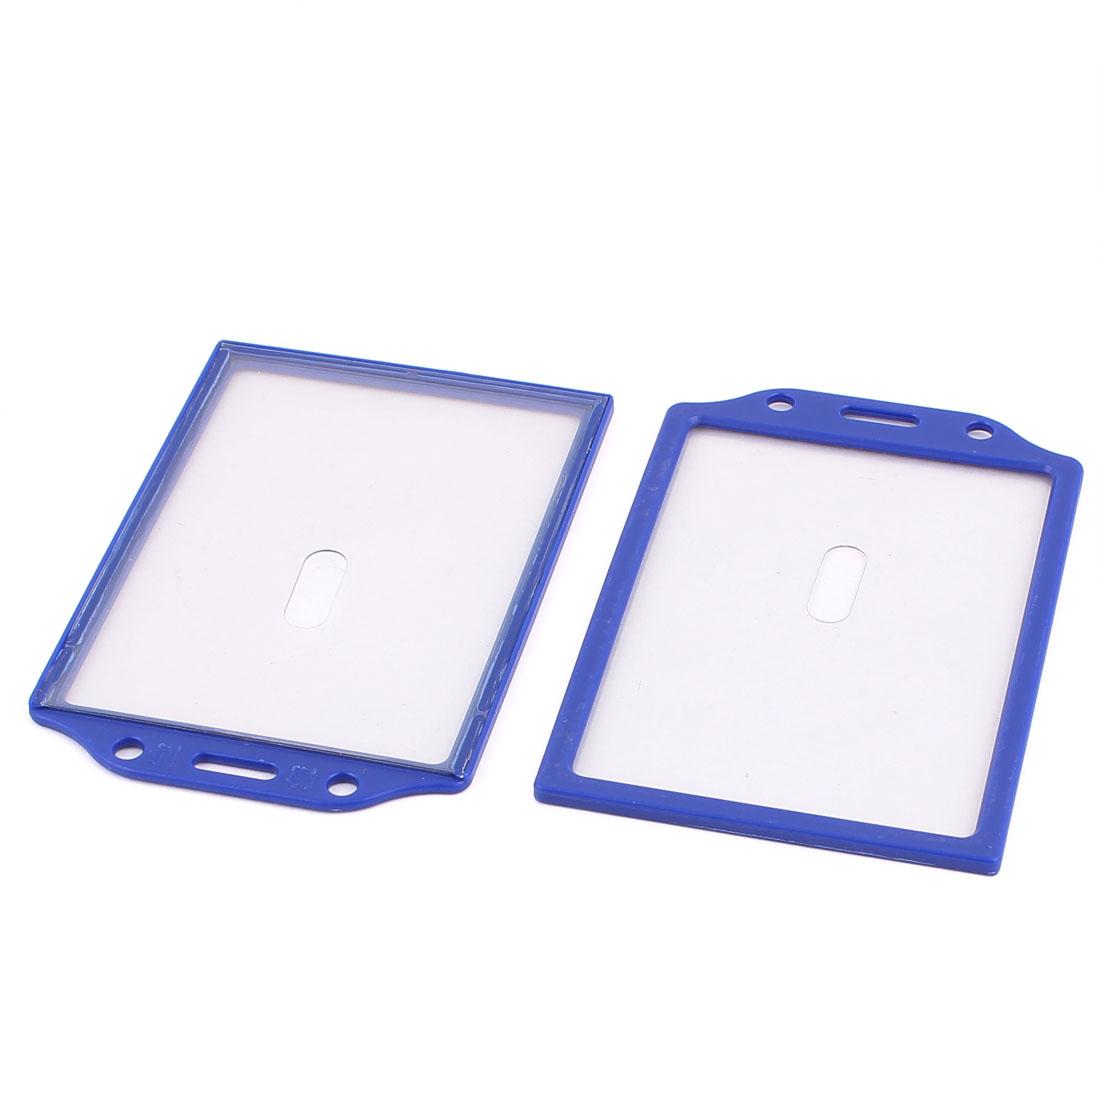 Blue Plastic Vertical A7 ID Badge Card Pocket Holder Case 2pcs